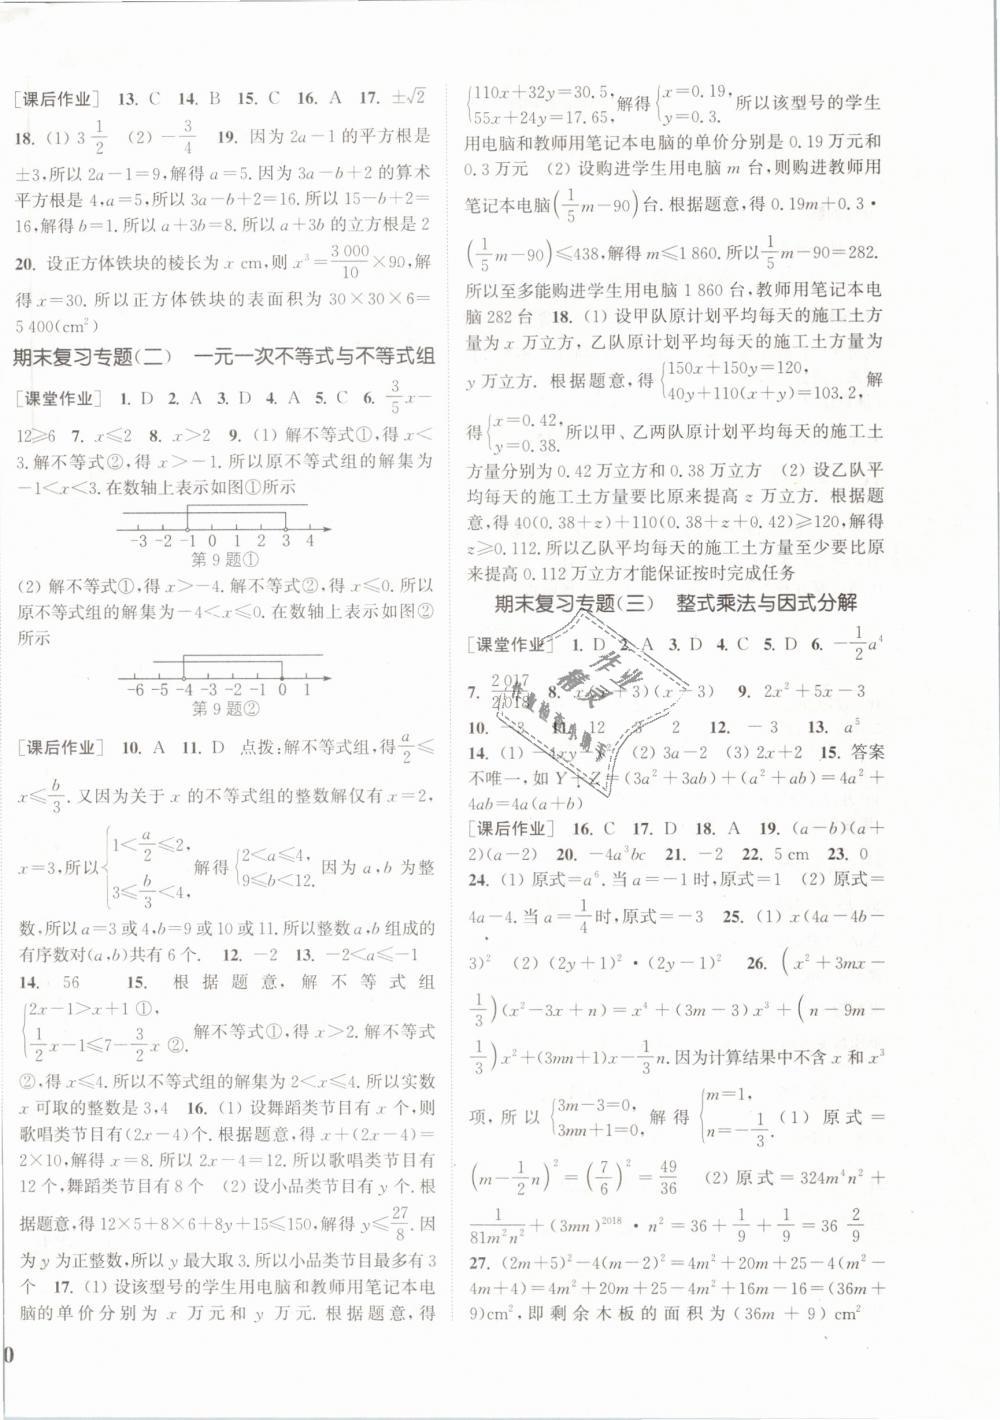 2019年通城学典课时作业本七年级数学下册沪科版第16页